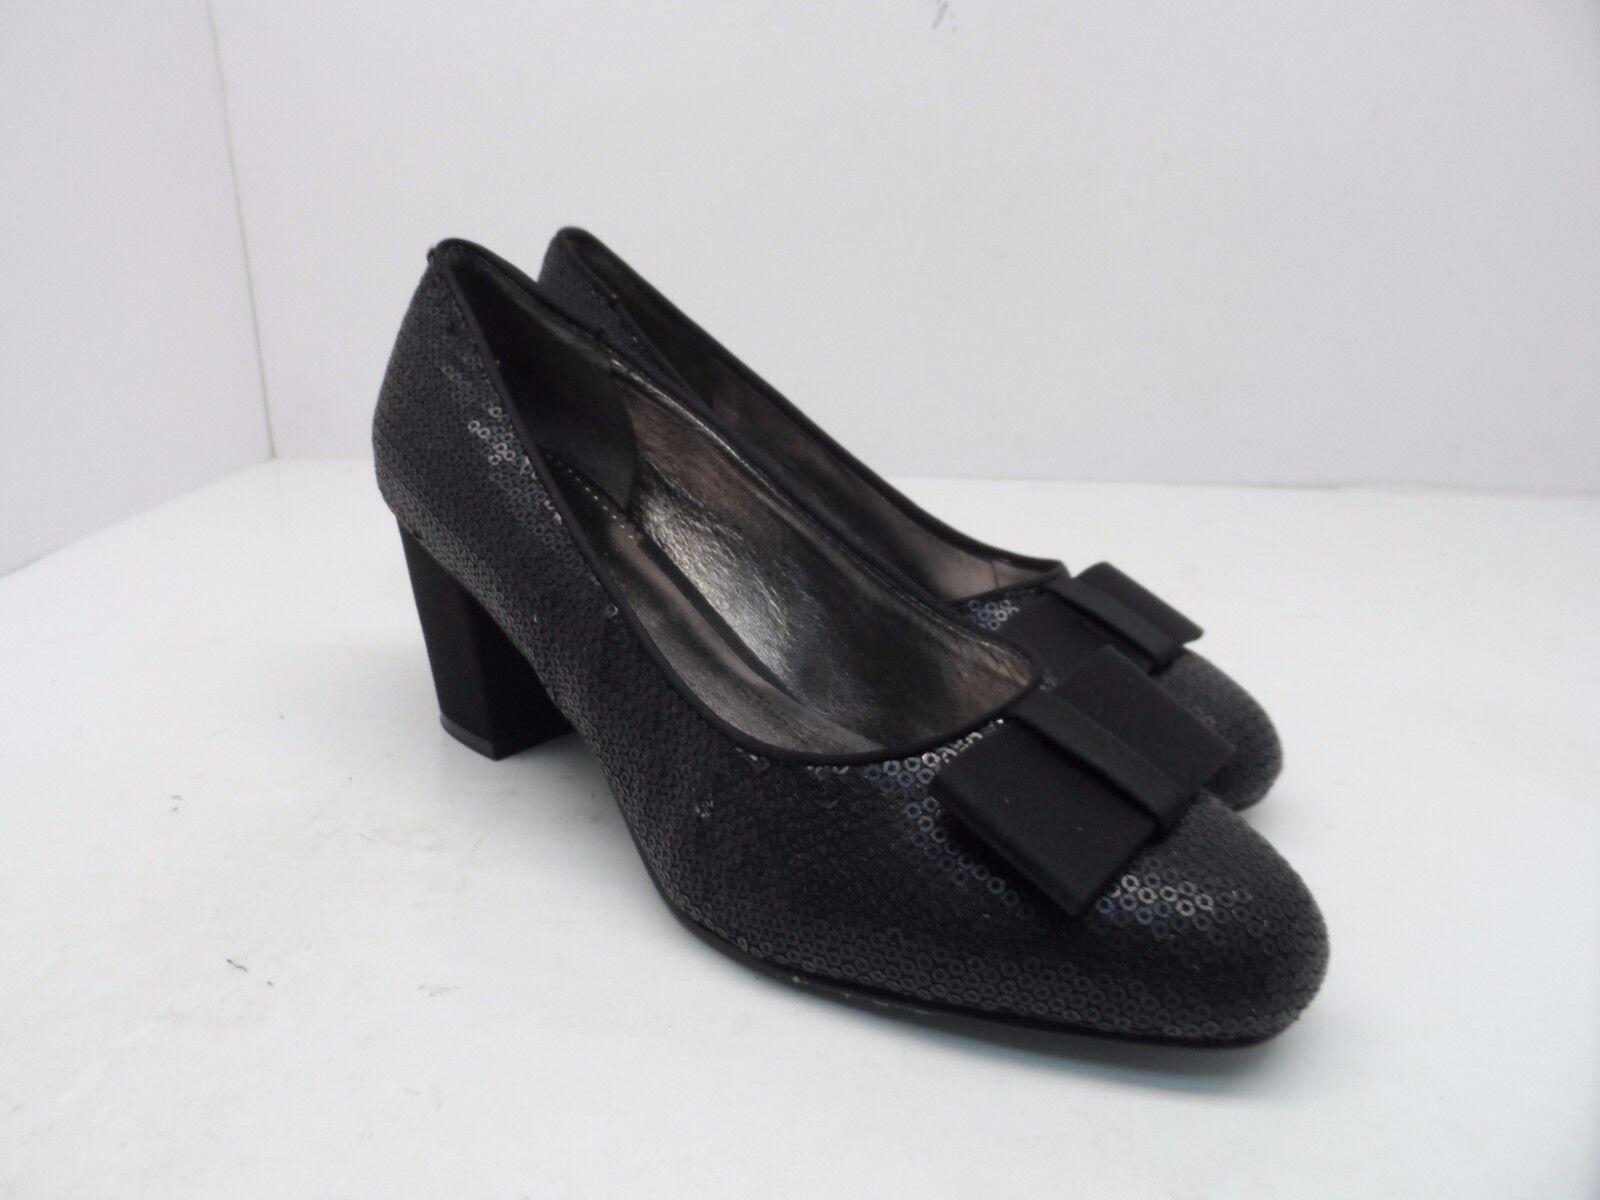 Trotters Women's Jillian Black II Sequin High Heels Black Jillian Size 7M 03bfab